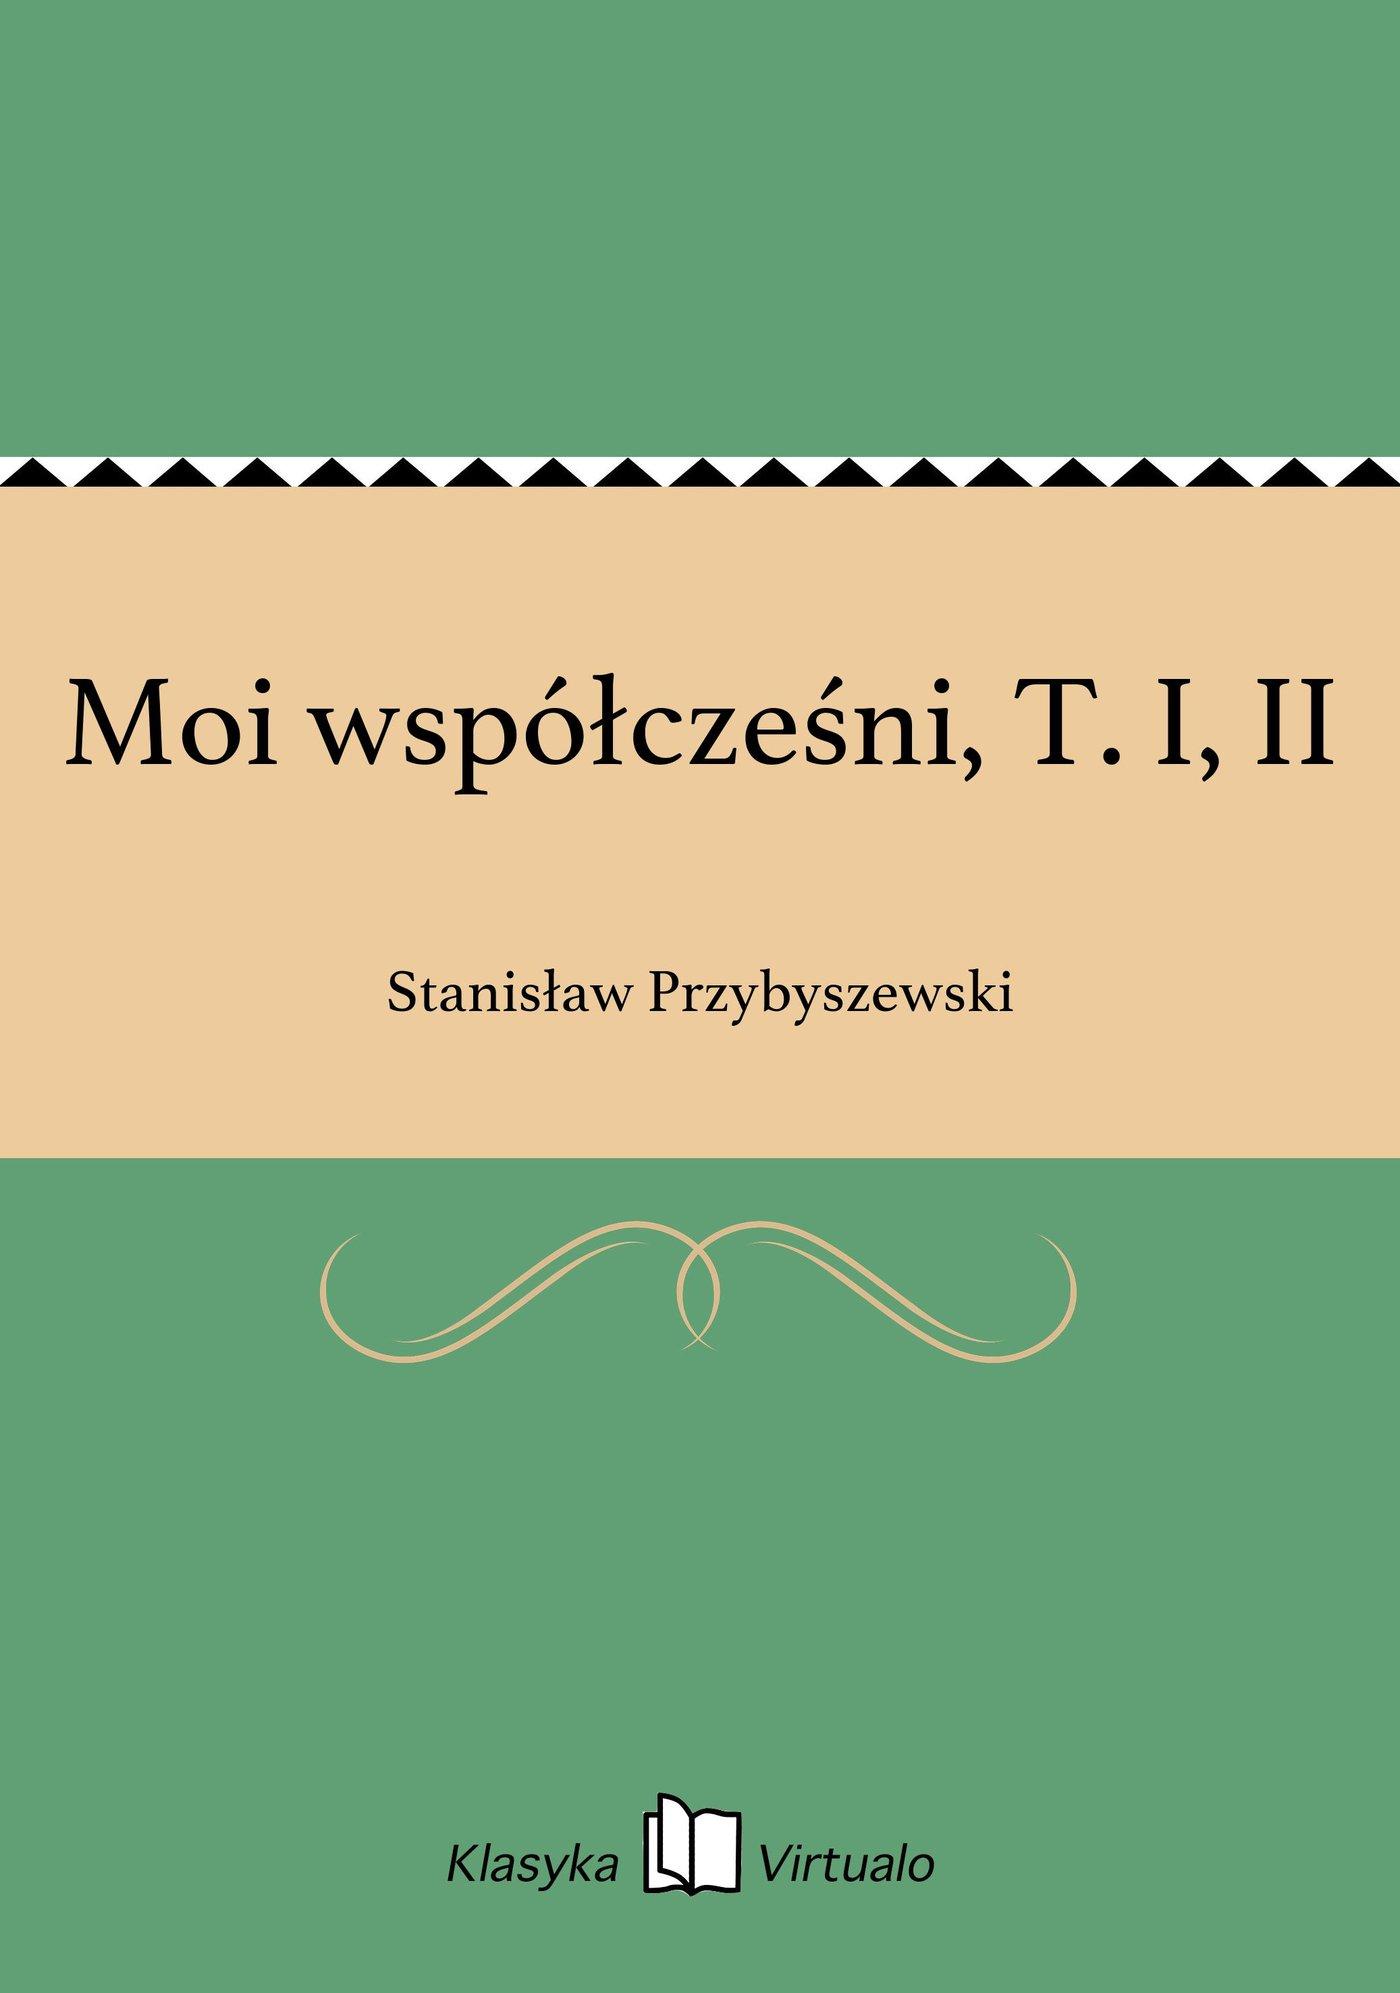 Moi współcześni, T. I, II - Ebook (Książka na Kindle) do pobrania w formacie MOBI